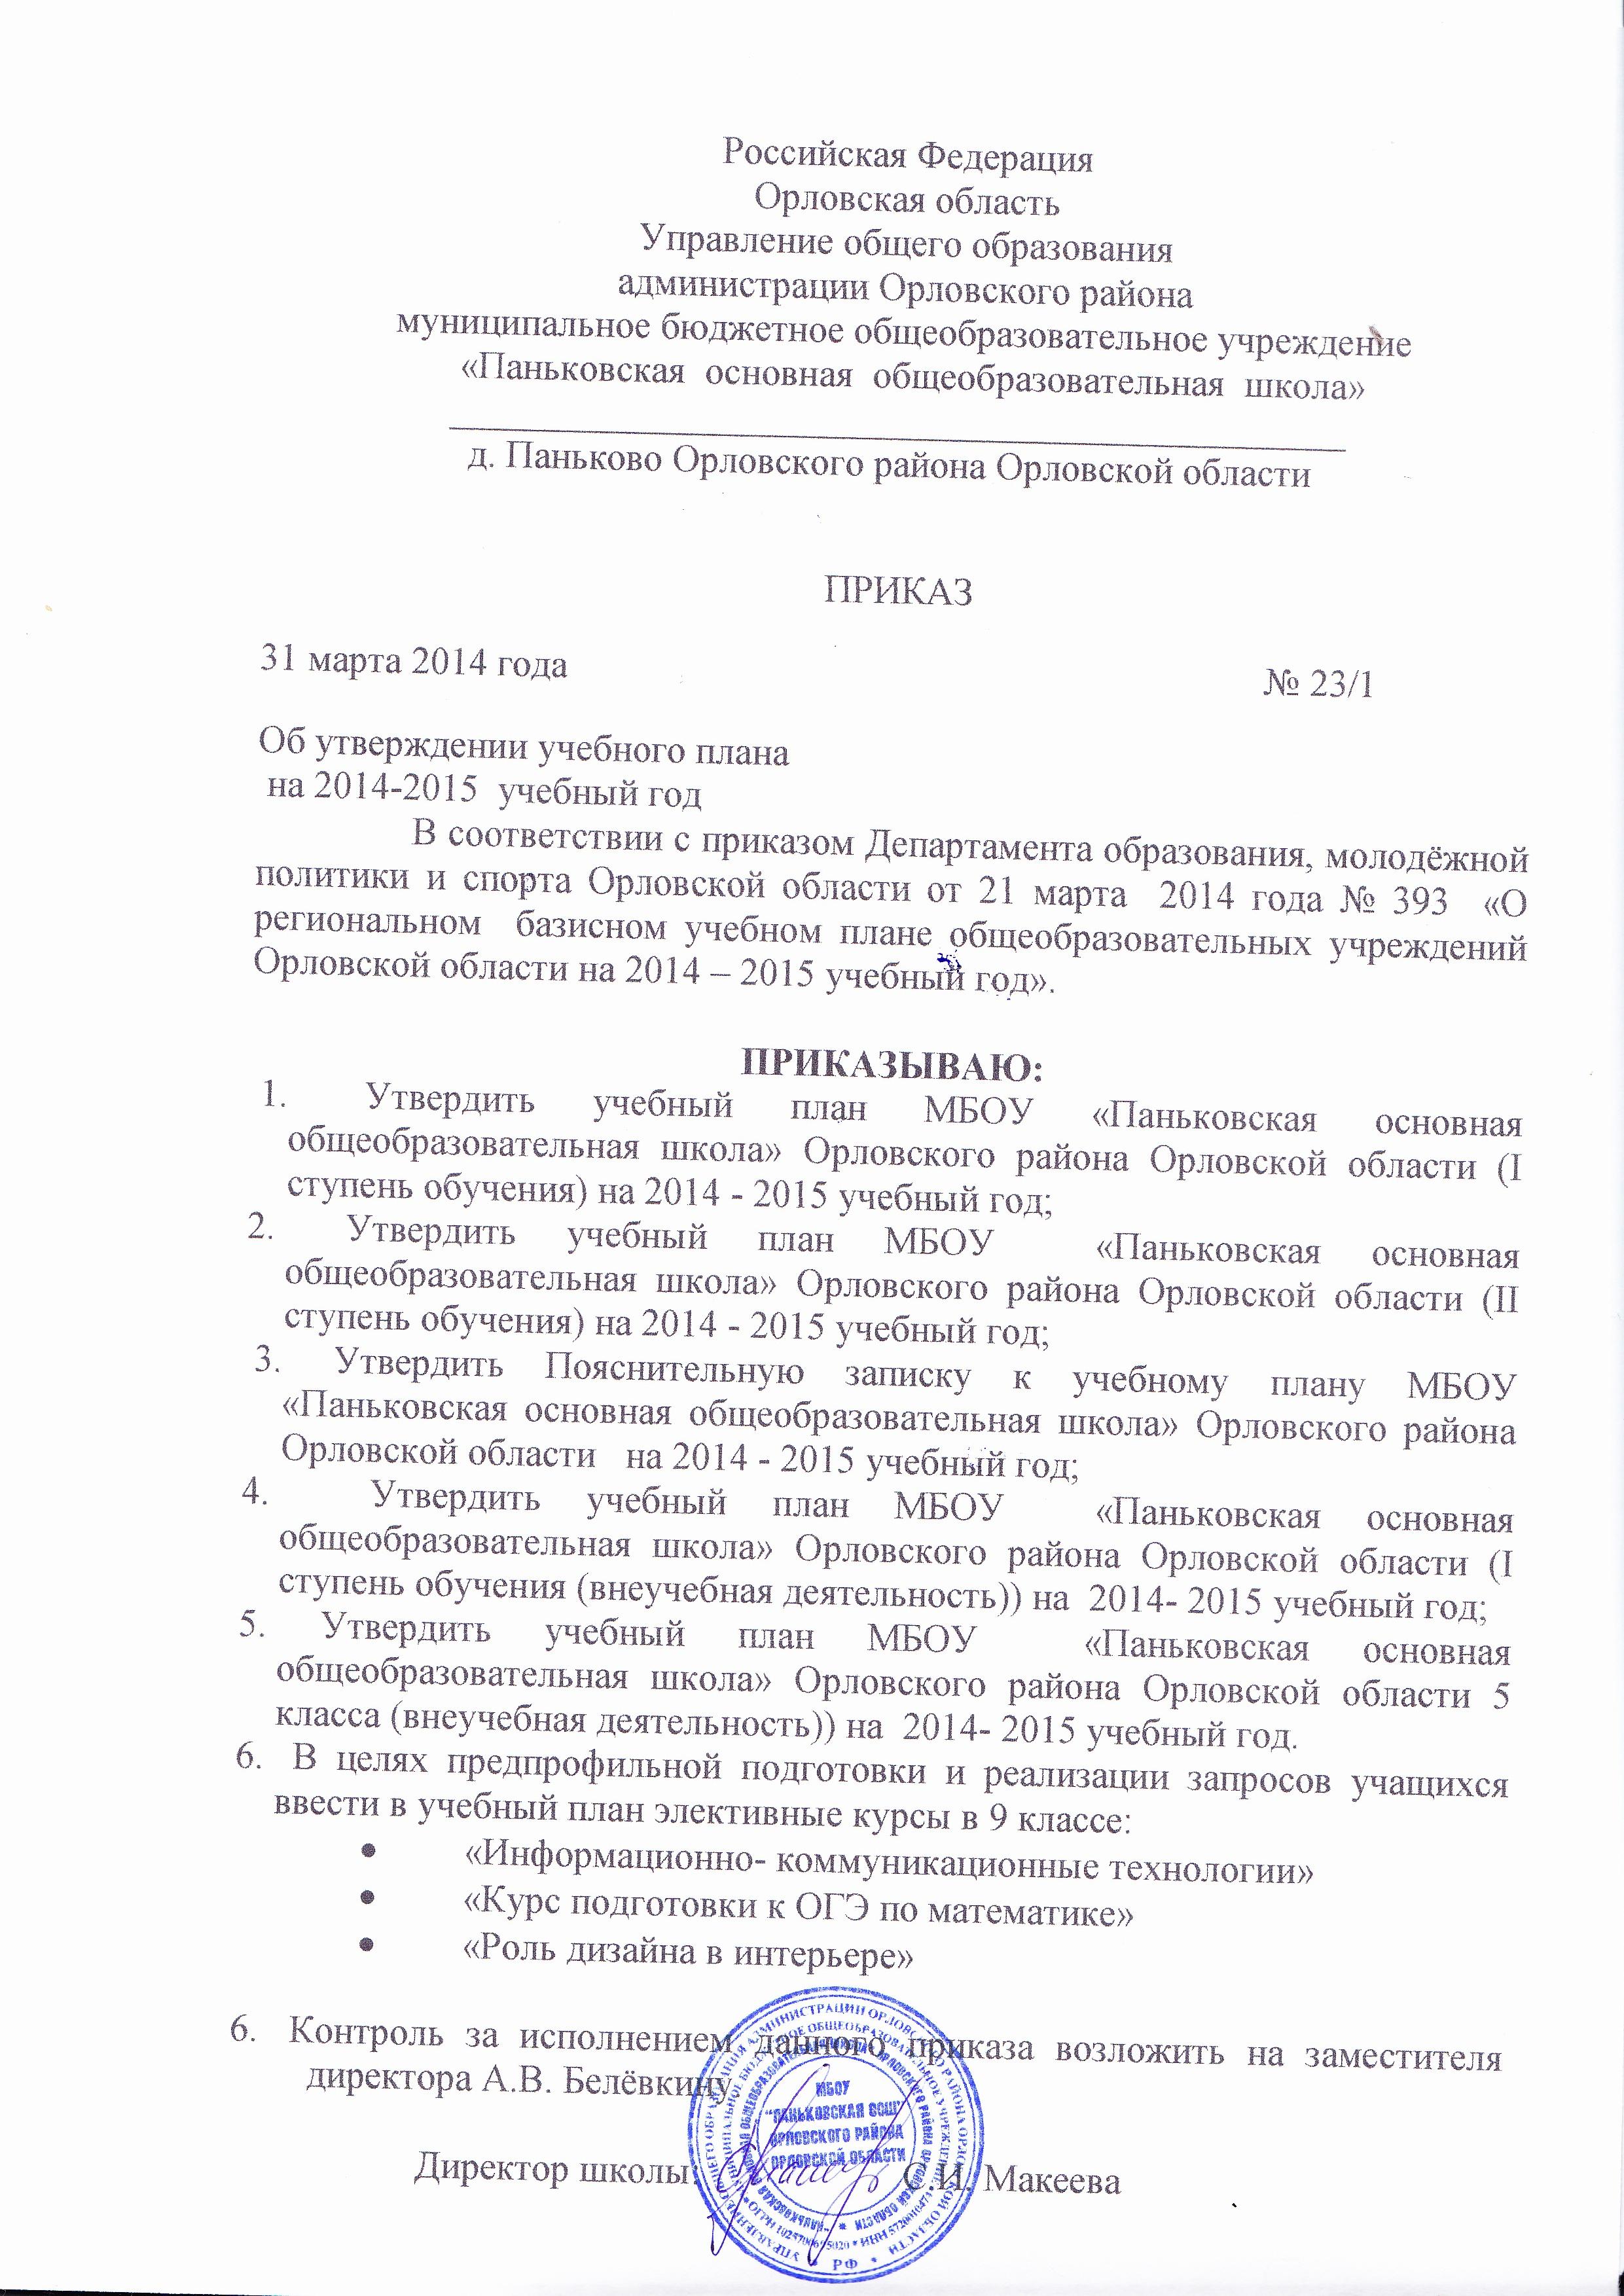 Образец приказа об утверждении учебного плана на 2015-2016 учебный год